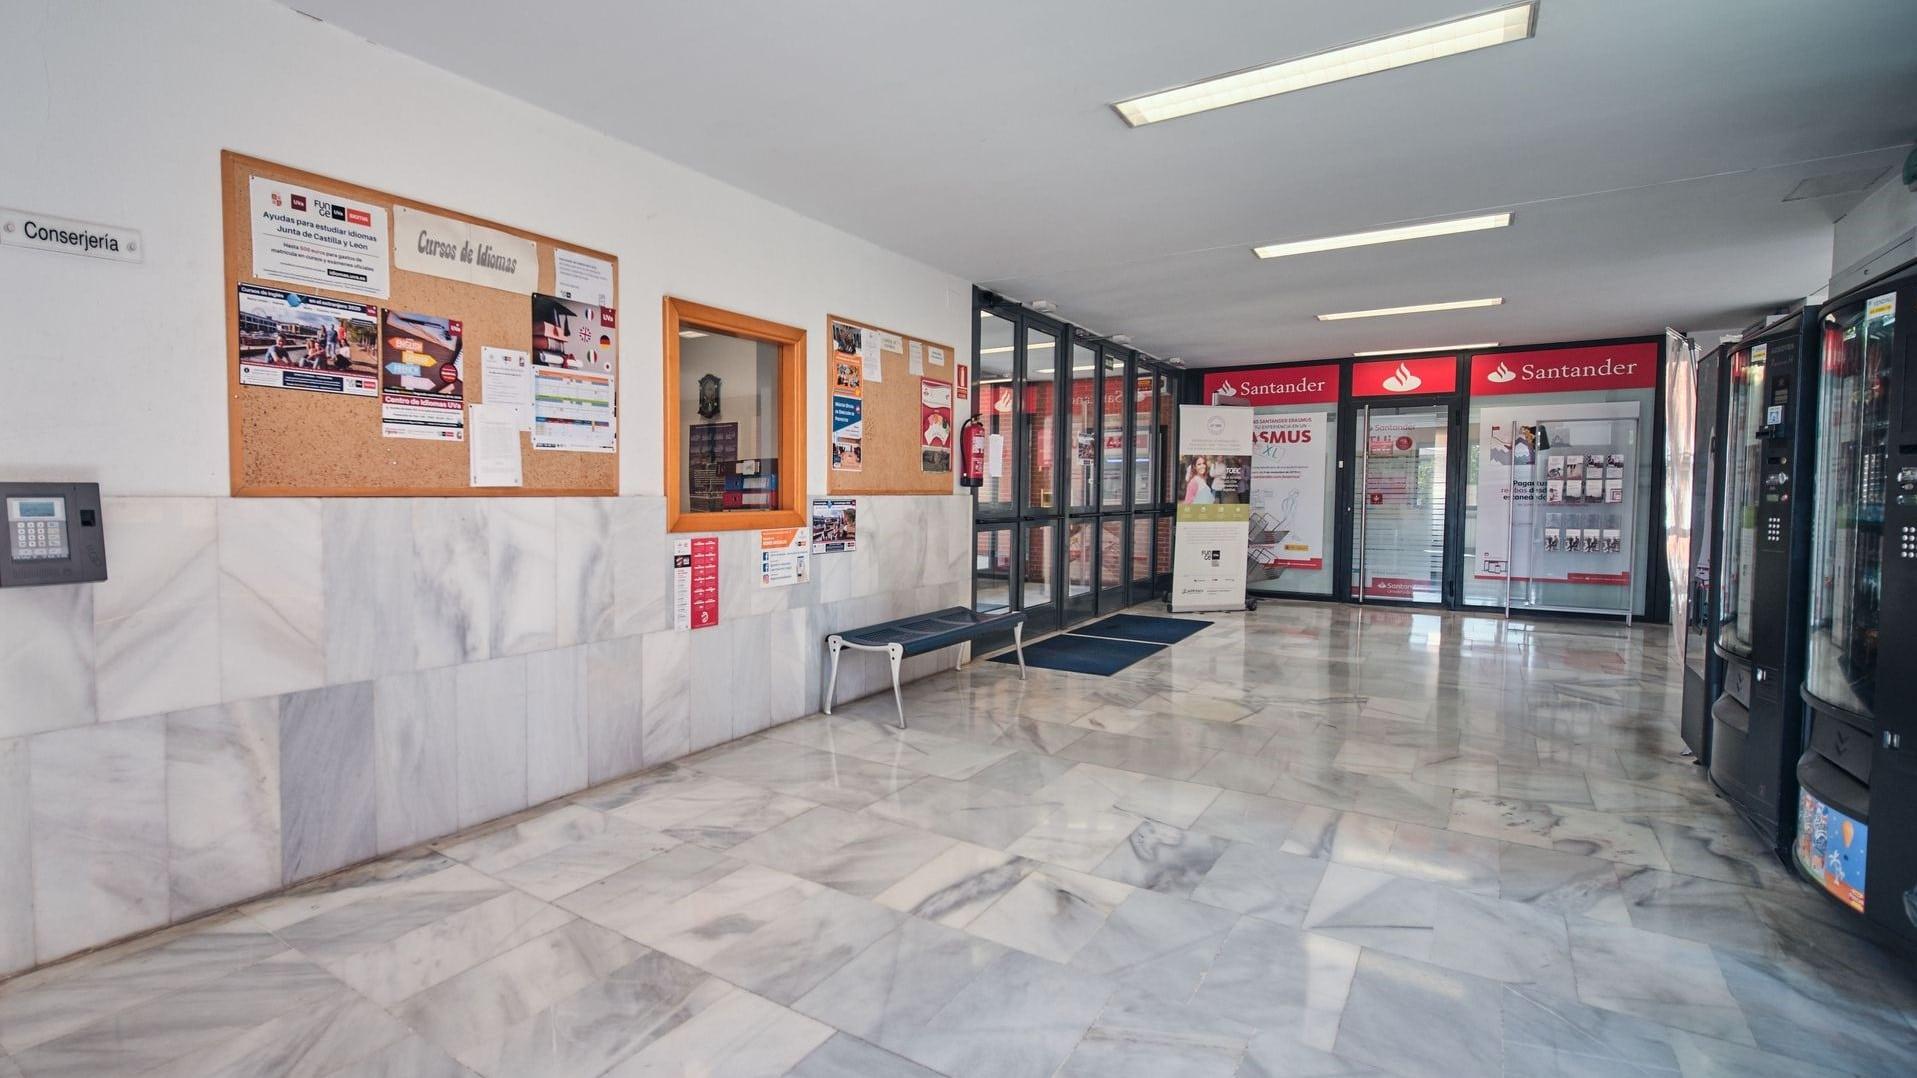 https://funge.uva.es/wp-content/uploads/2020/09/Vestibulo-2-Centro-de-Idiomas-de-la-Univerisdad-de-Valladolid-UVa-panorámica.jpg